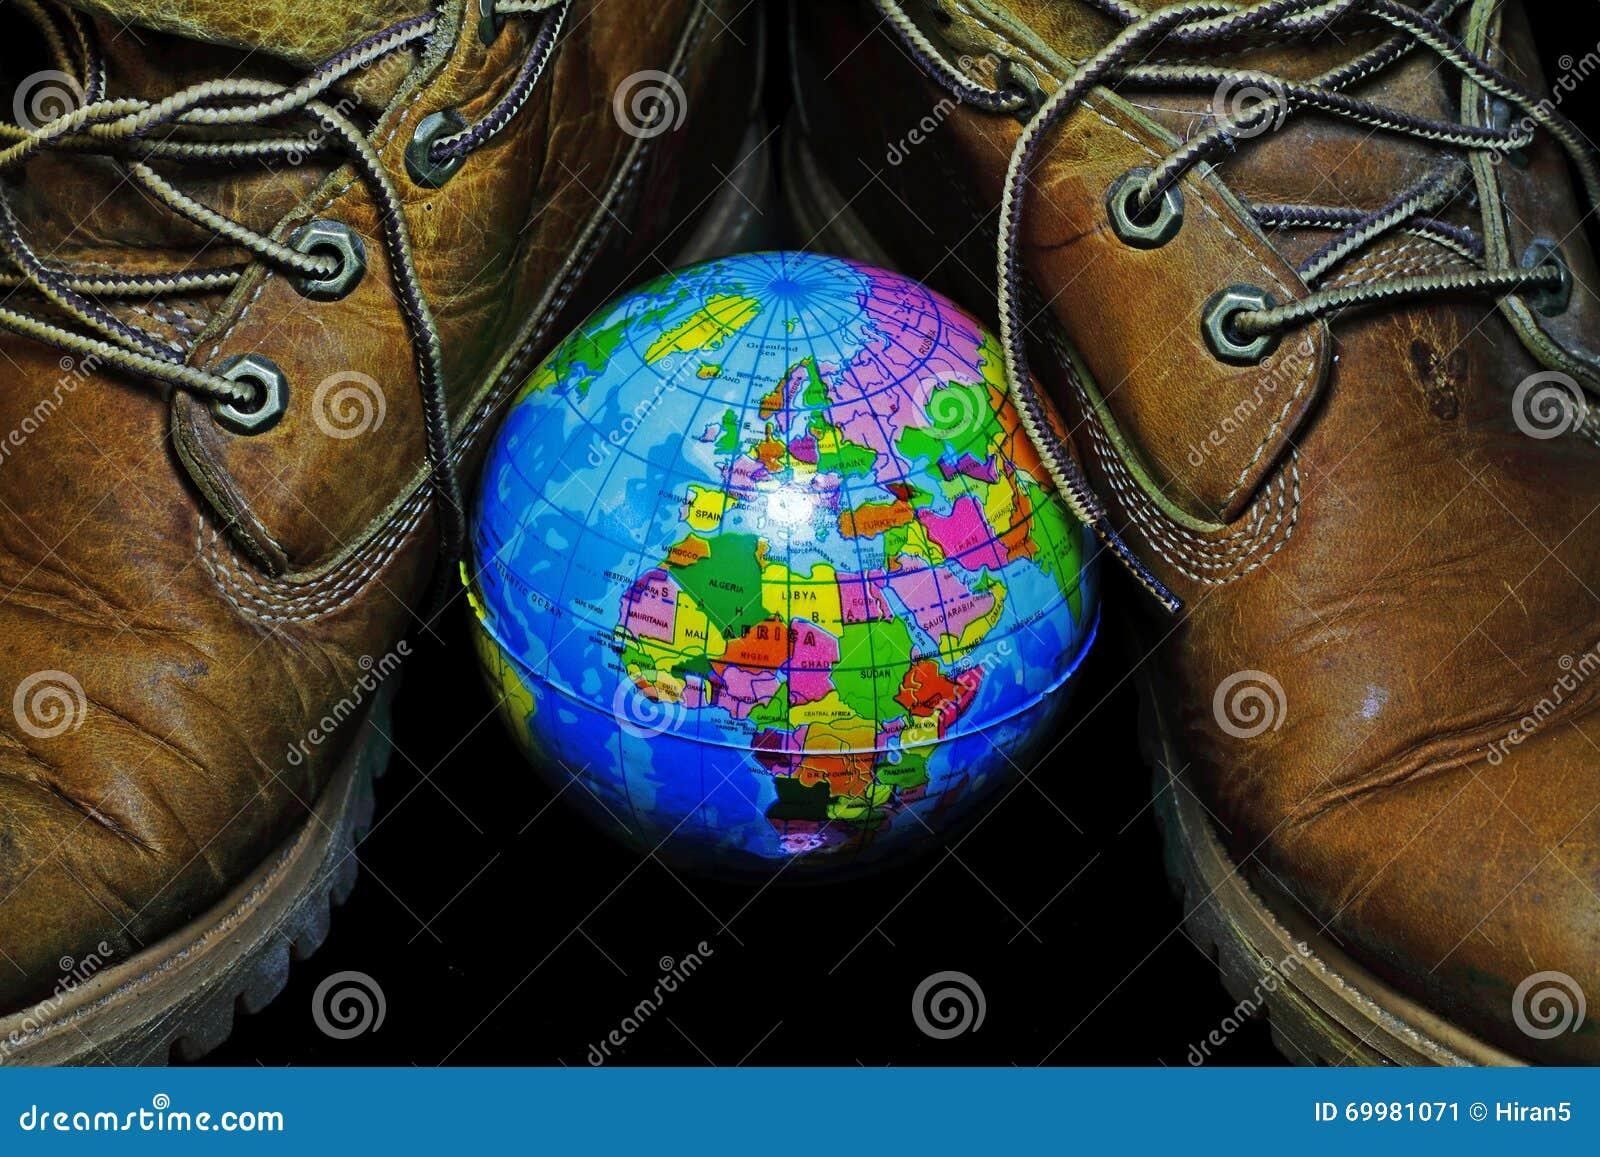 Gli Stivali E Un Piccolo Globo Rappresenta Il Viaggio Che Ha